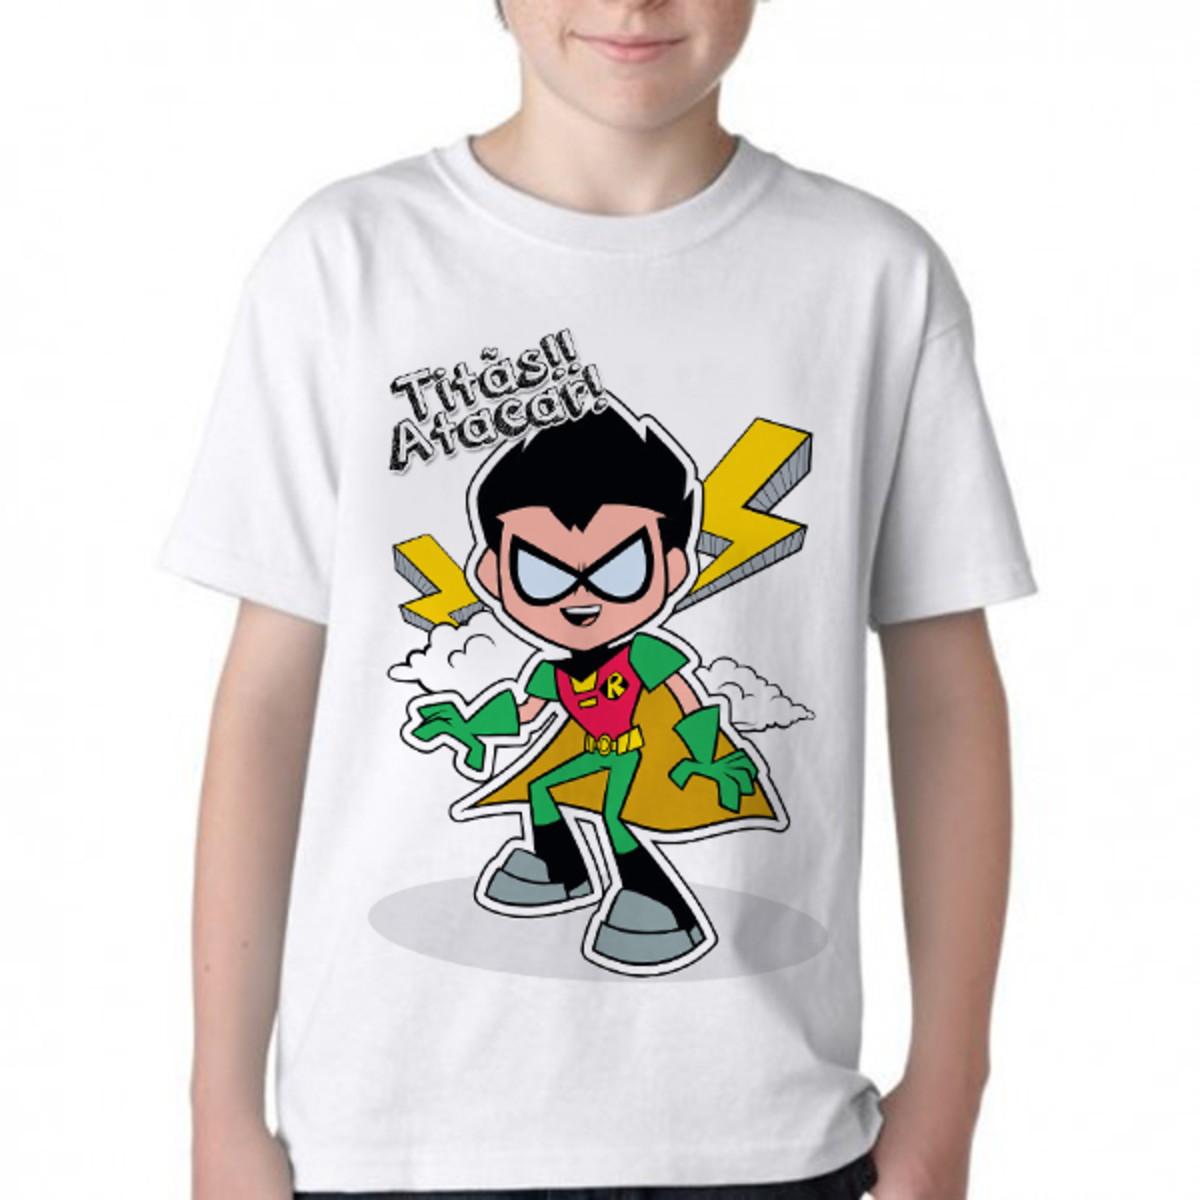 a43d0f6b57 Camiseta Infantil Blusa Criança Robin Titãs em ação titan go no Elo7 ...